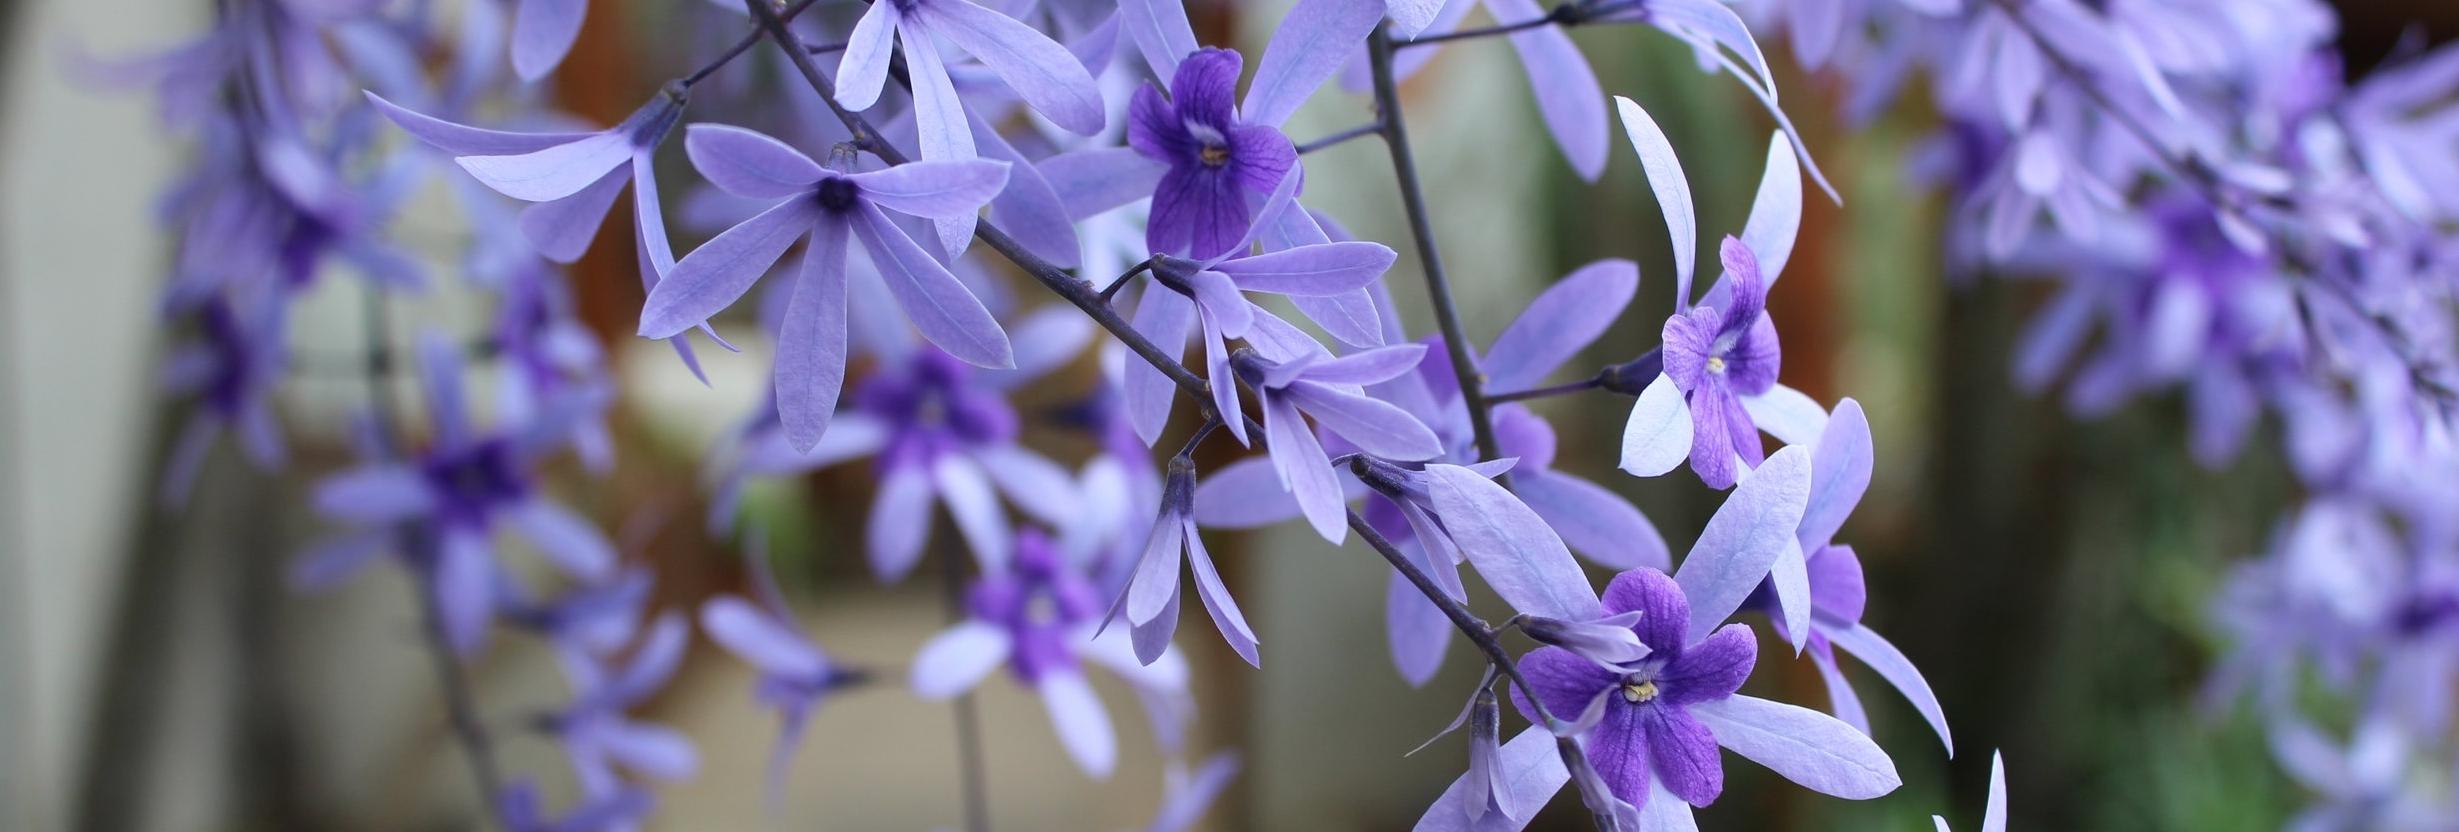 Purple flowers for websiteTT.JPG